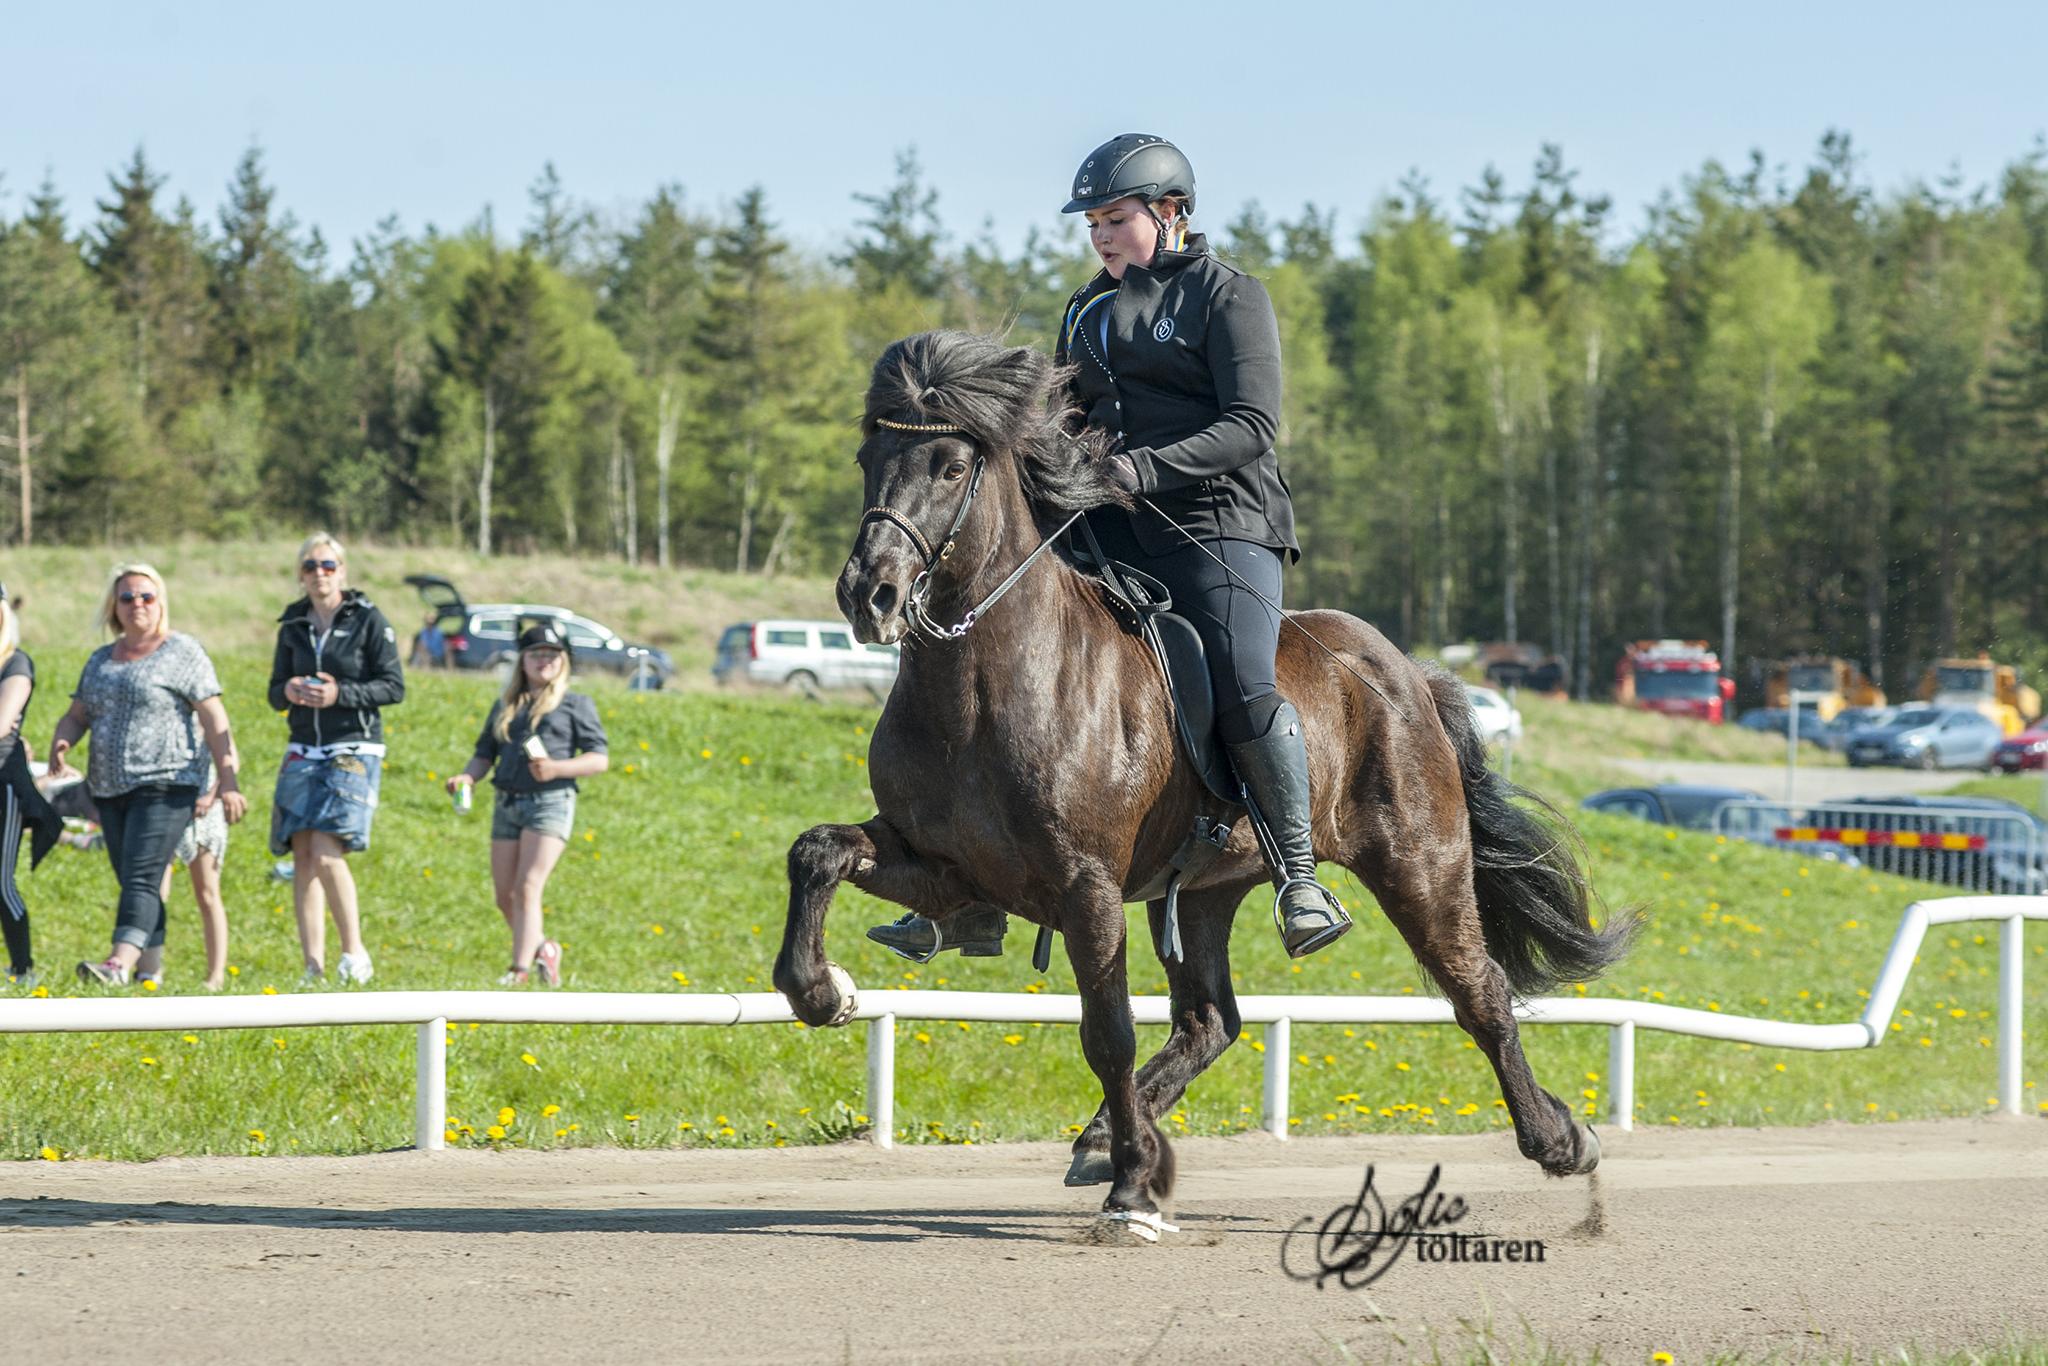 ... och Olivia och Krokur som kom på andra plats i F1 Ungdom samt Anna-Stinas pris Foto: Sofie Lahtinen Carlsson